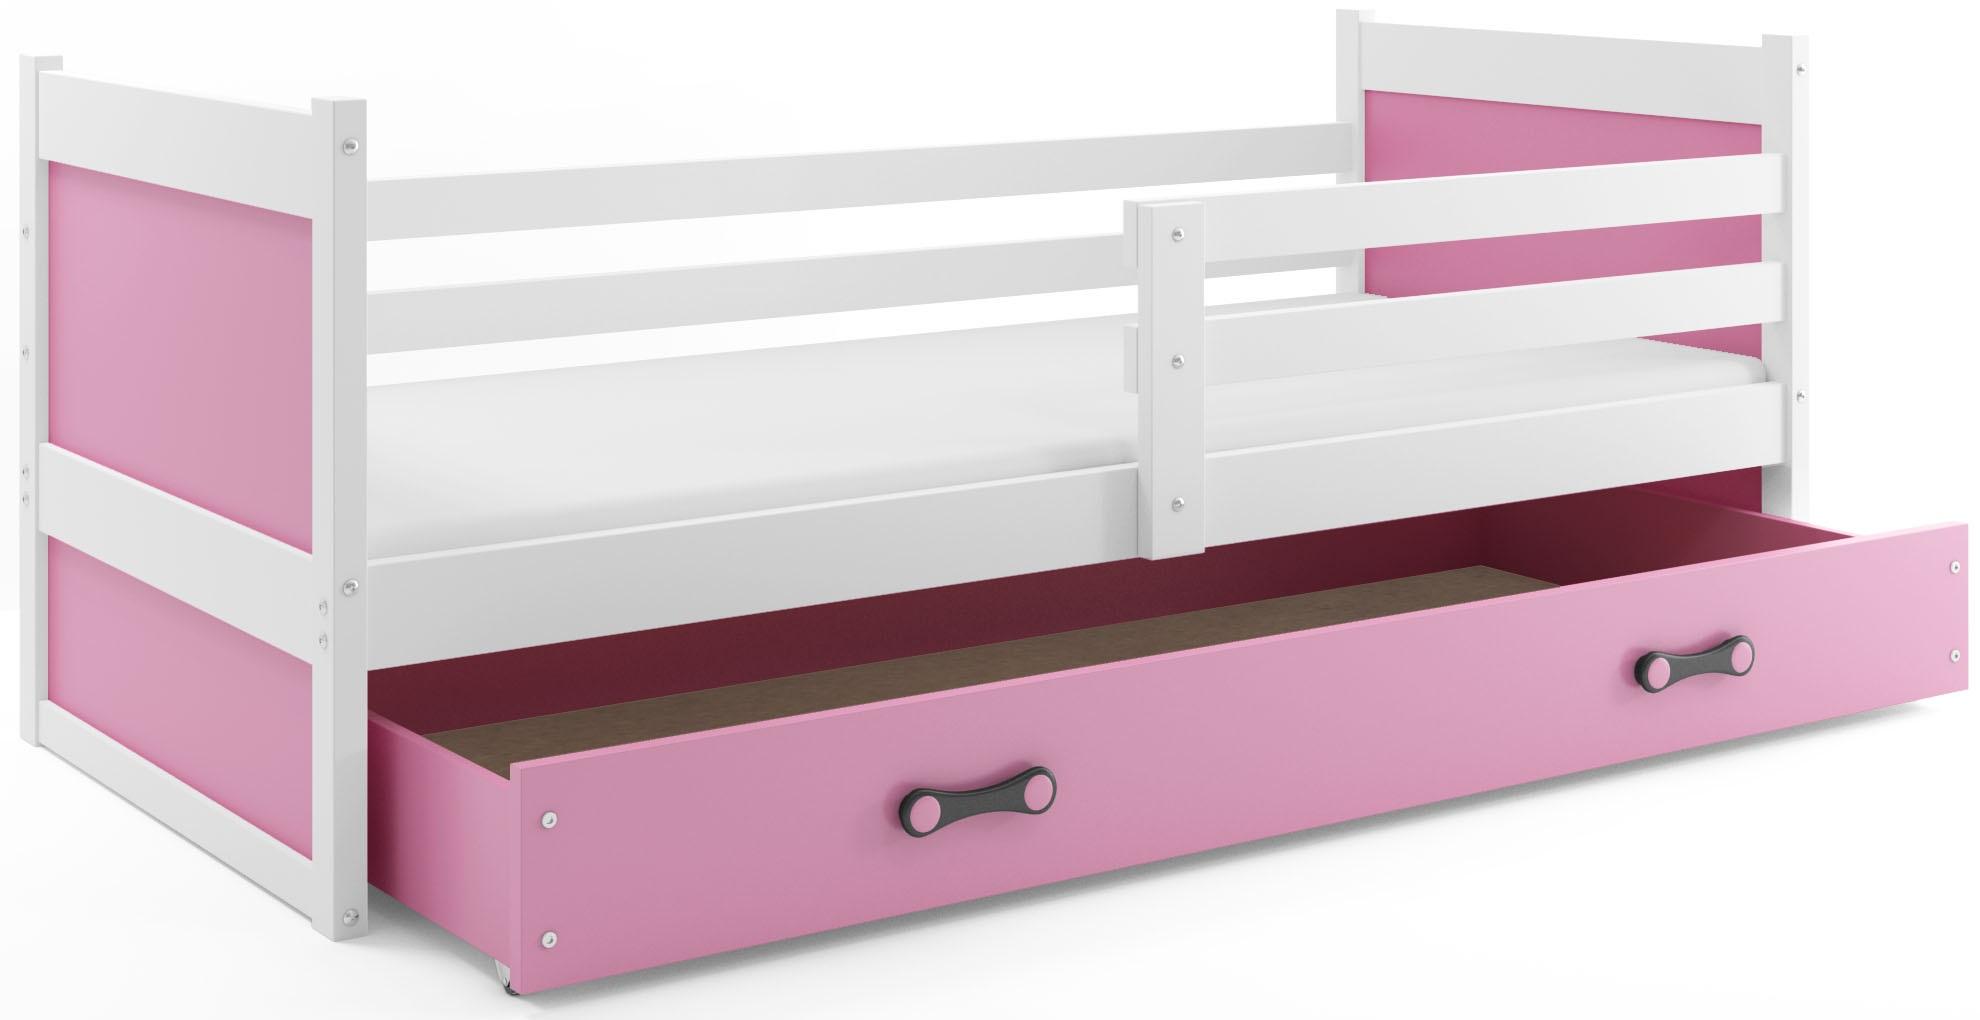 BMS Detská posteľ RICO 1 / BIELA 200x90 Farba: Fialová - do vypredania zásob